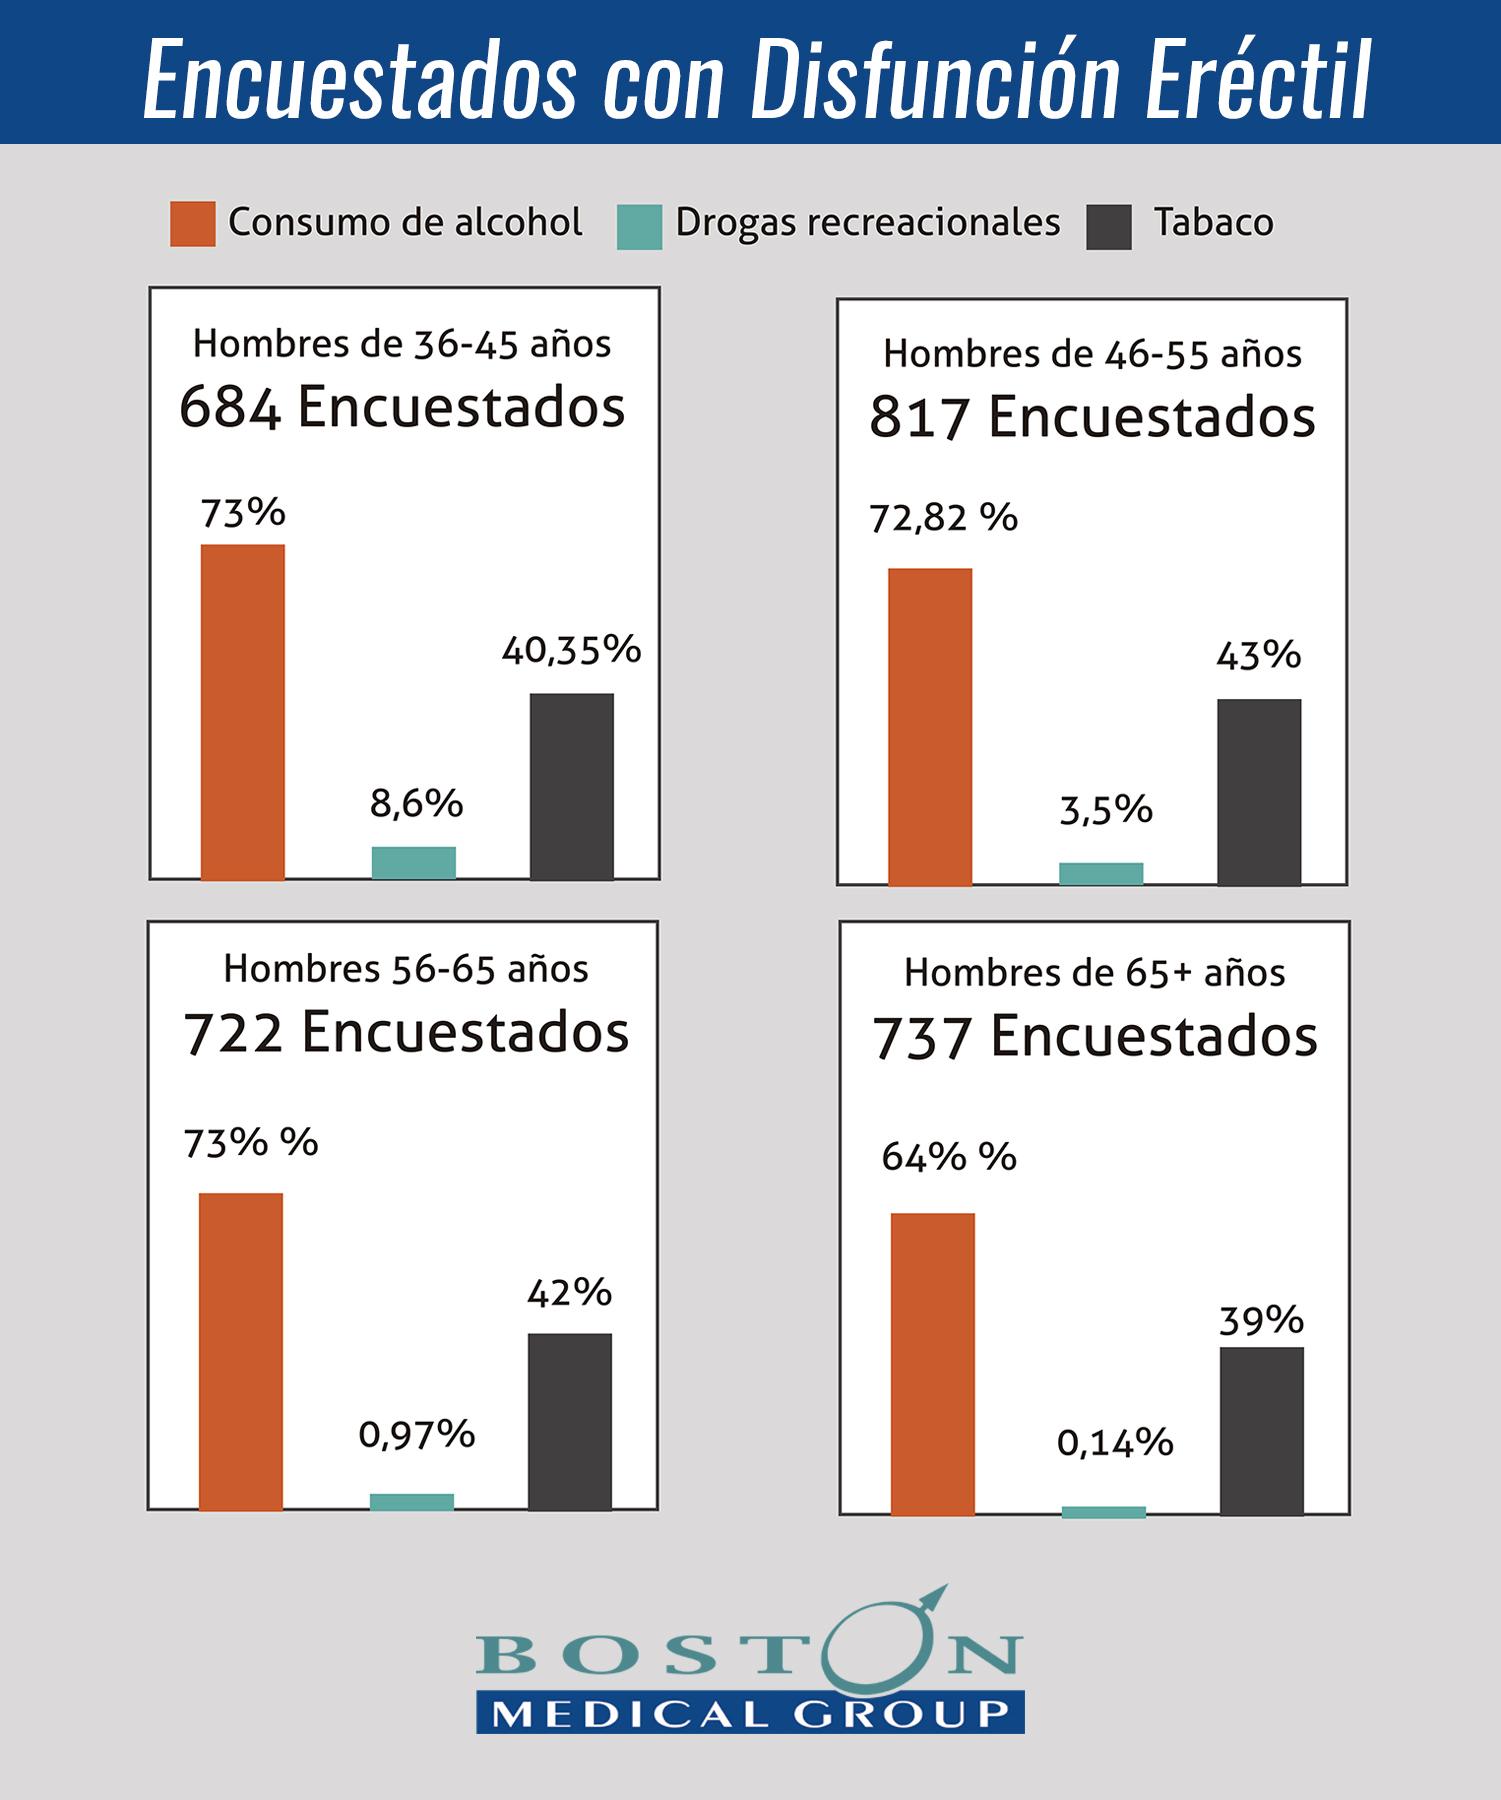 Disfuncion erectil y el consumo de alcohol. Porcentajes Boston Medical Group España